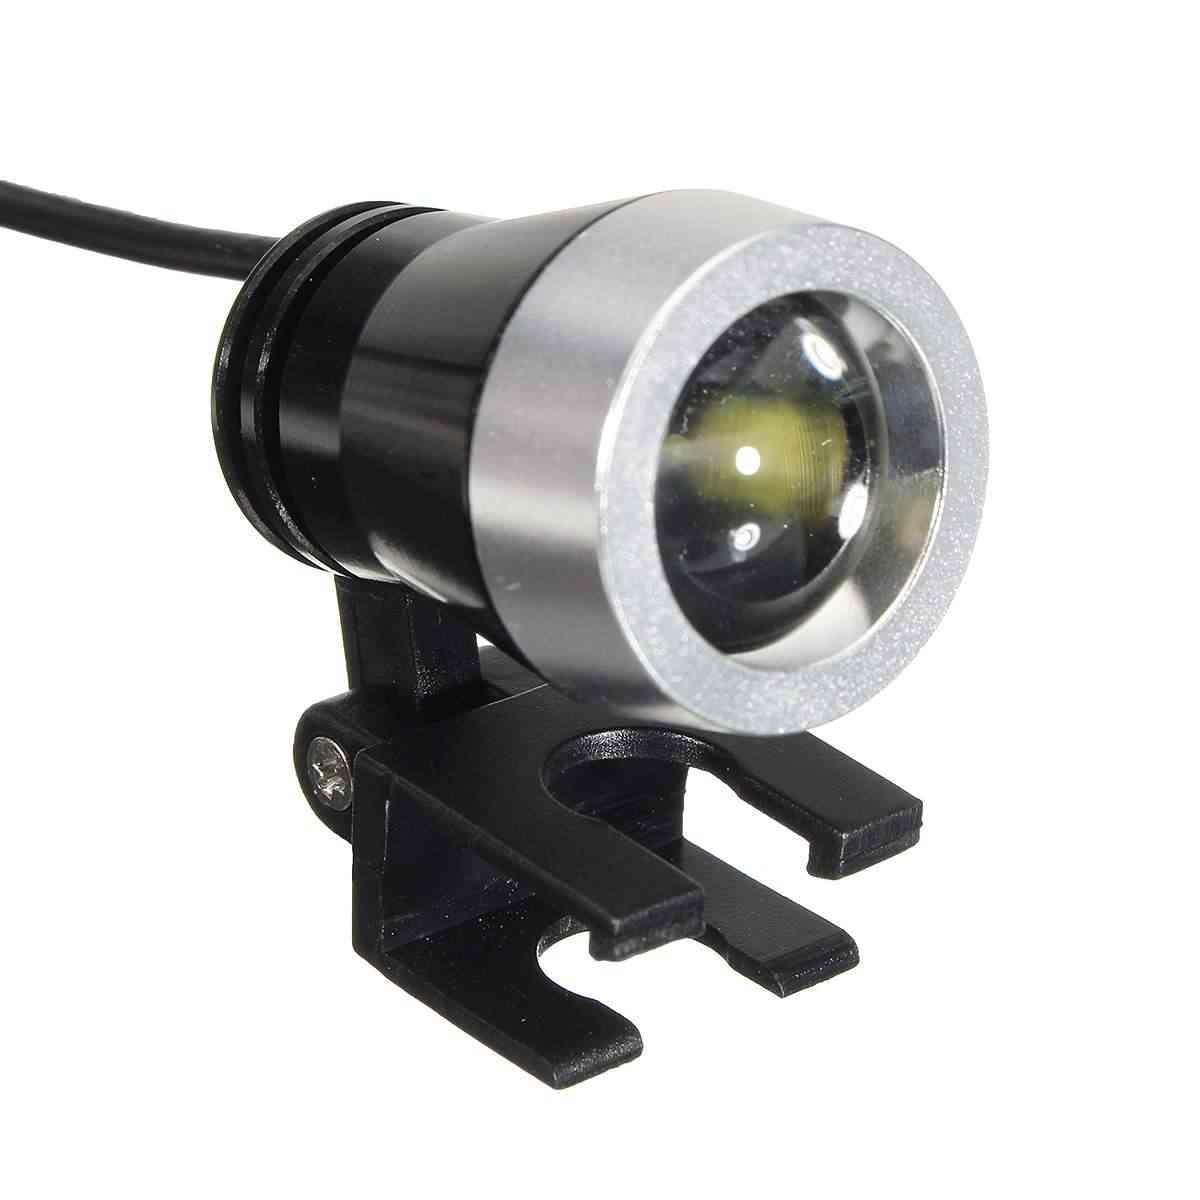 1 шт. Новое поступление светодиодный головной светильник 3 Вт для стоматологического черного хирургического медицинского бинокулярного Лупа